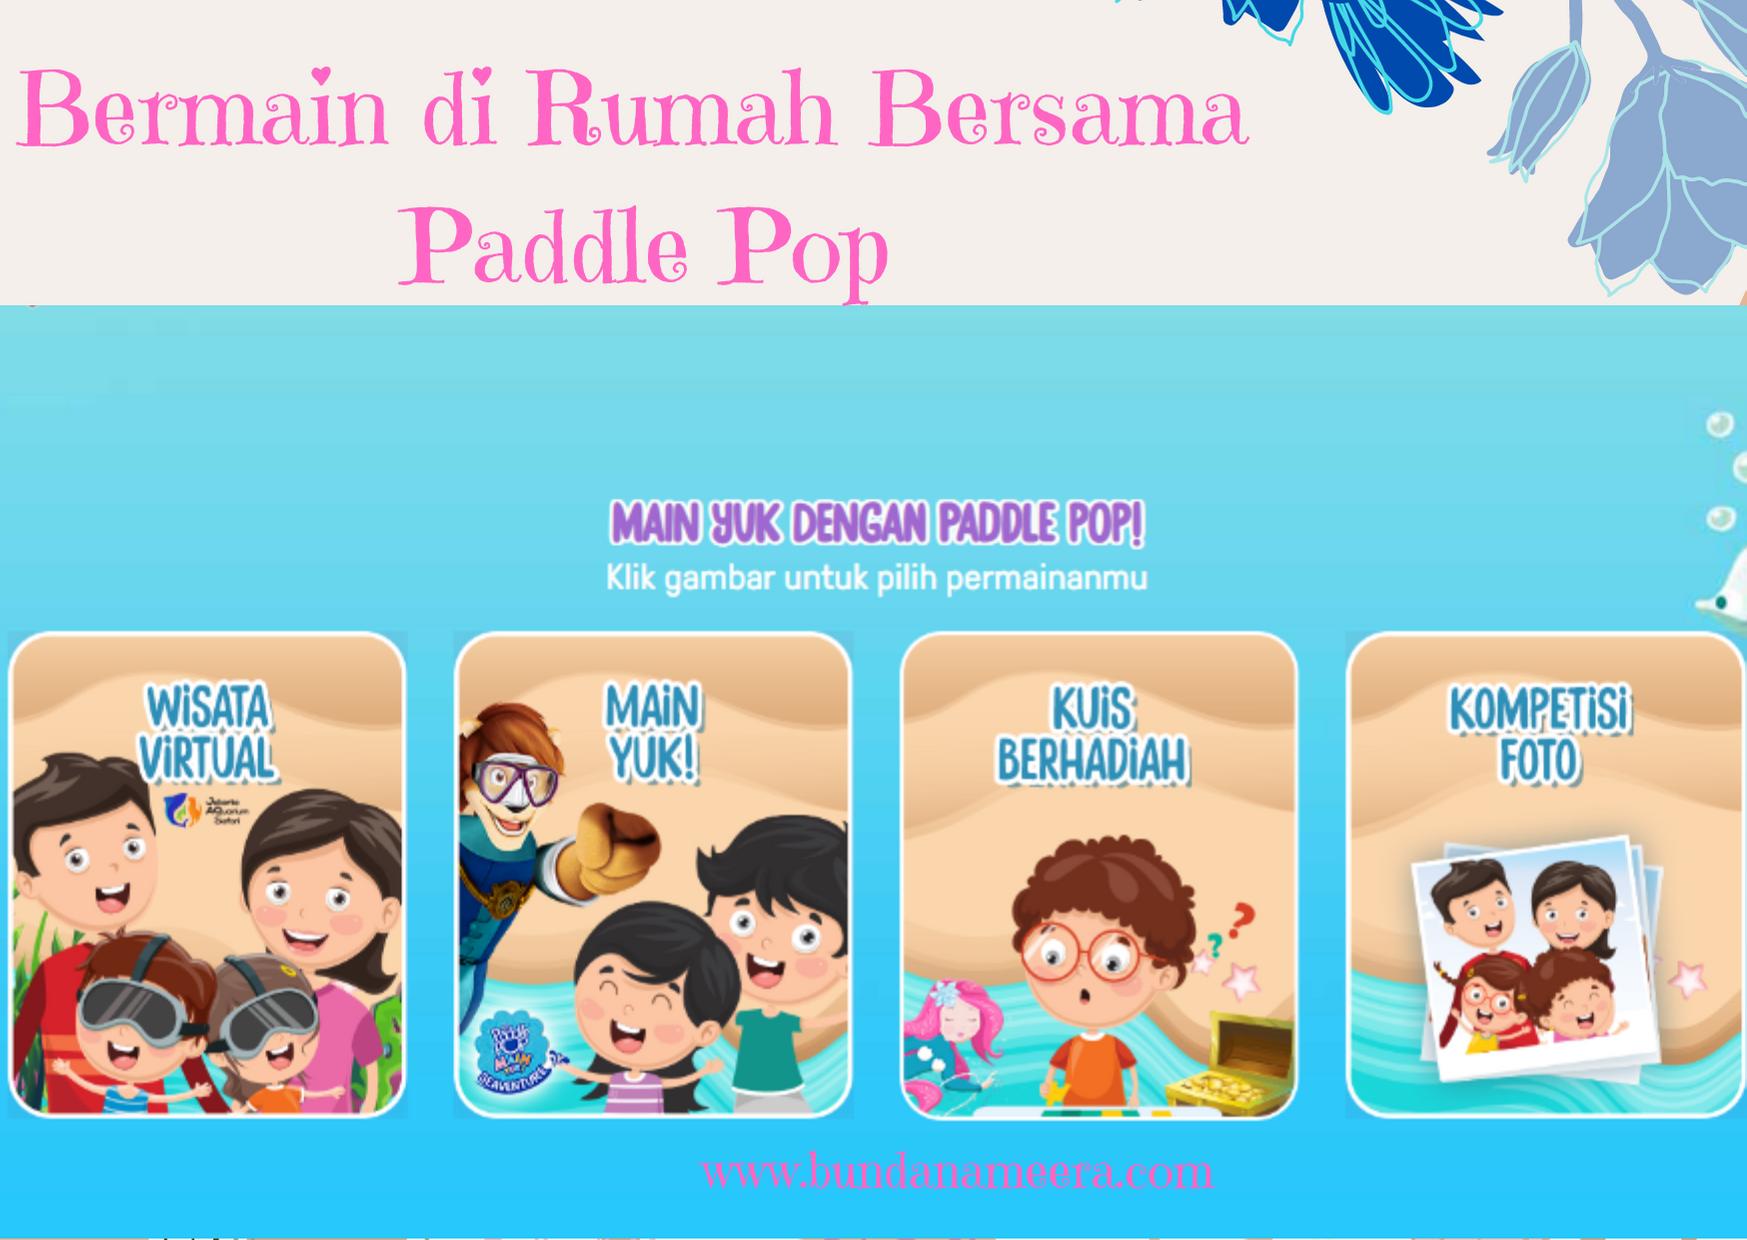 paddle-pop-main-yuk